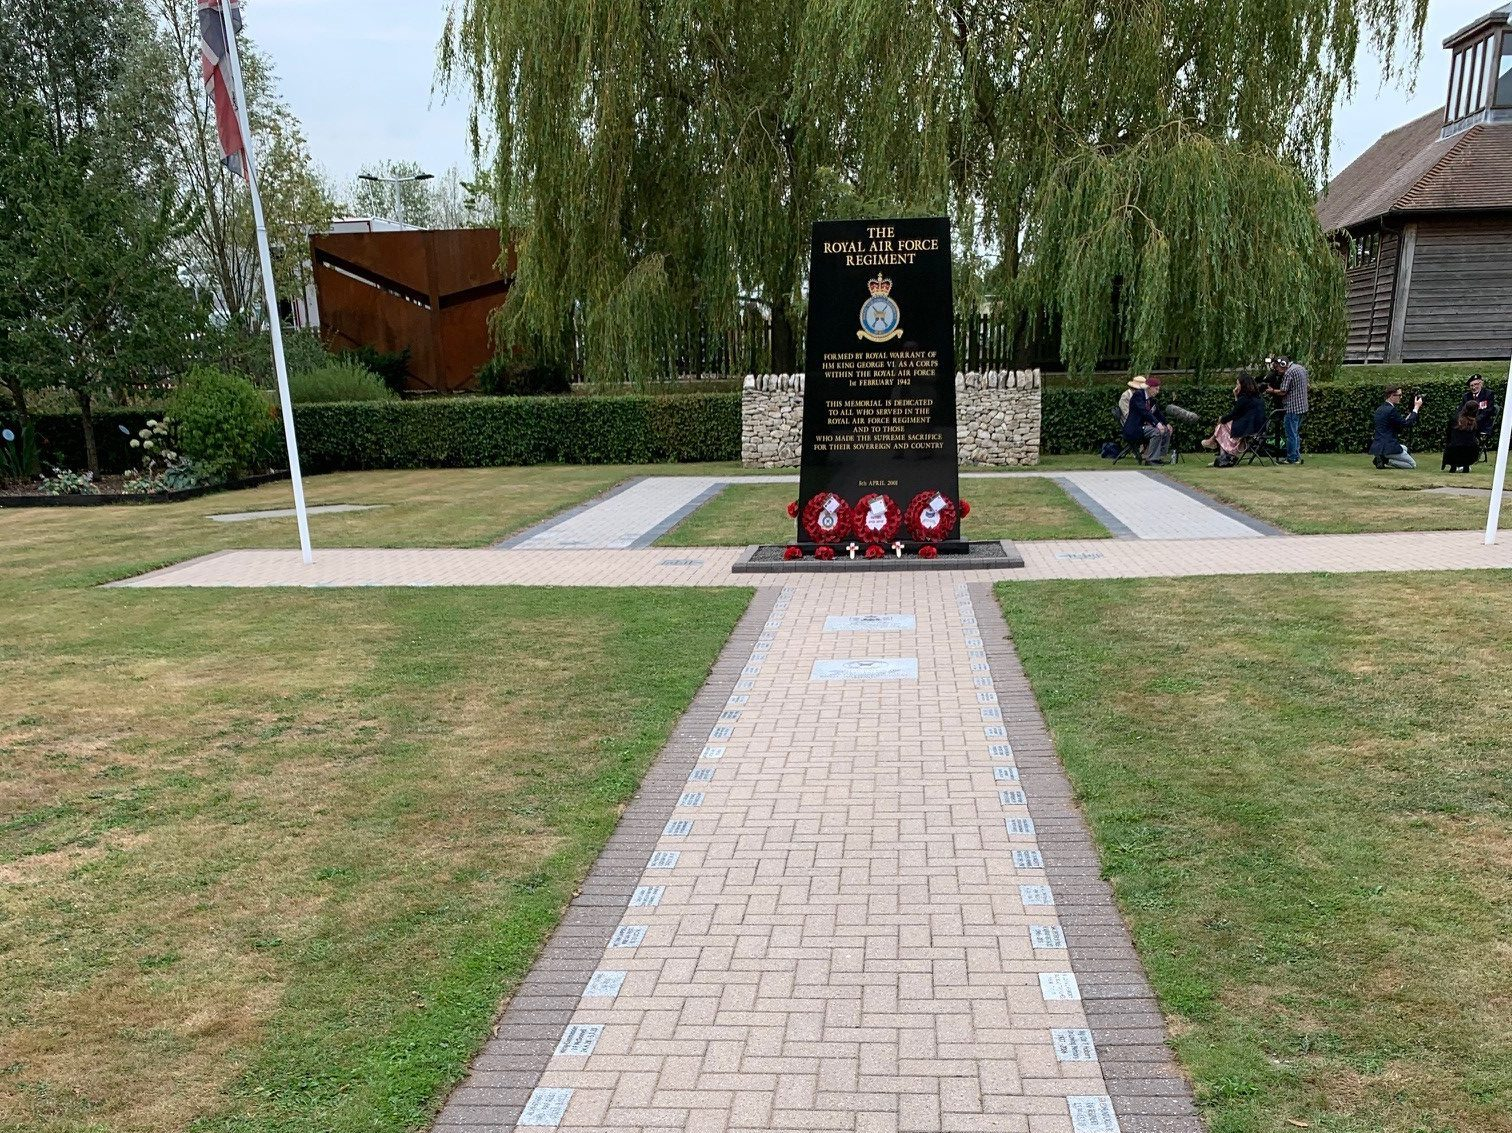 Corps Memorial Garden update